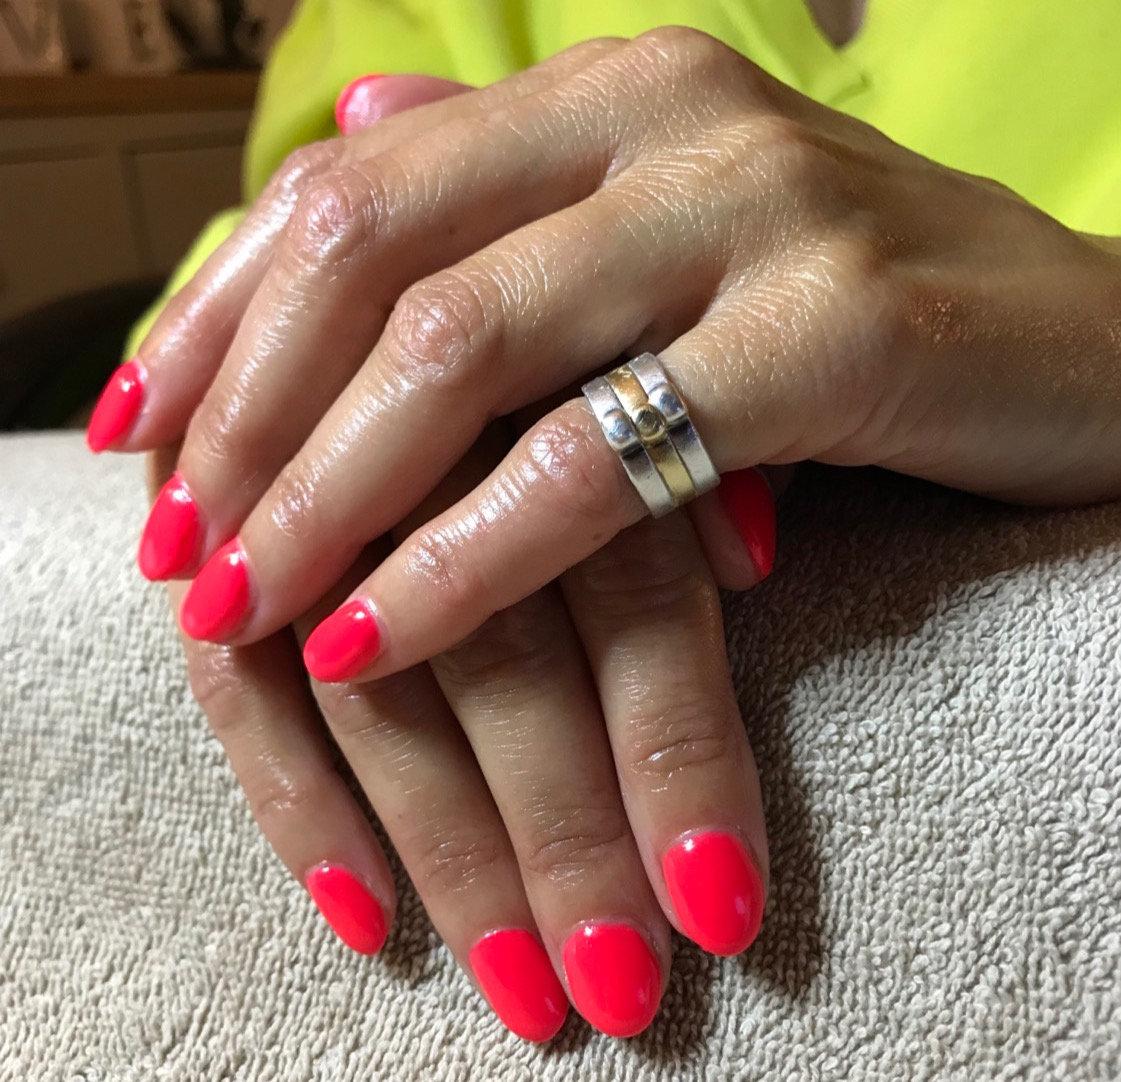 Calgel Manicure